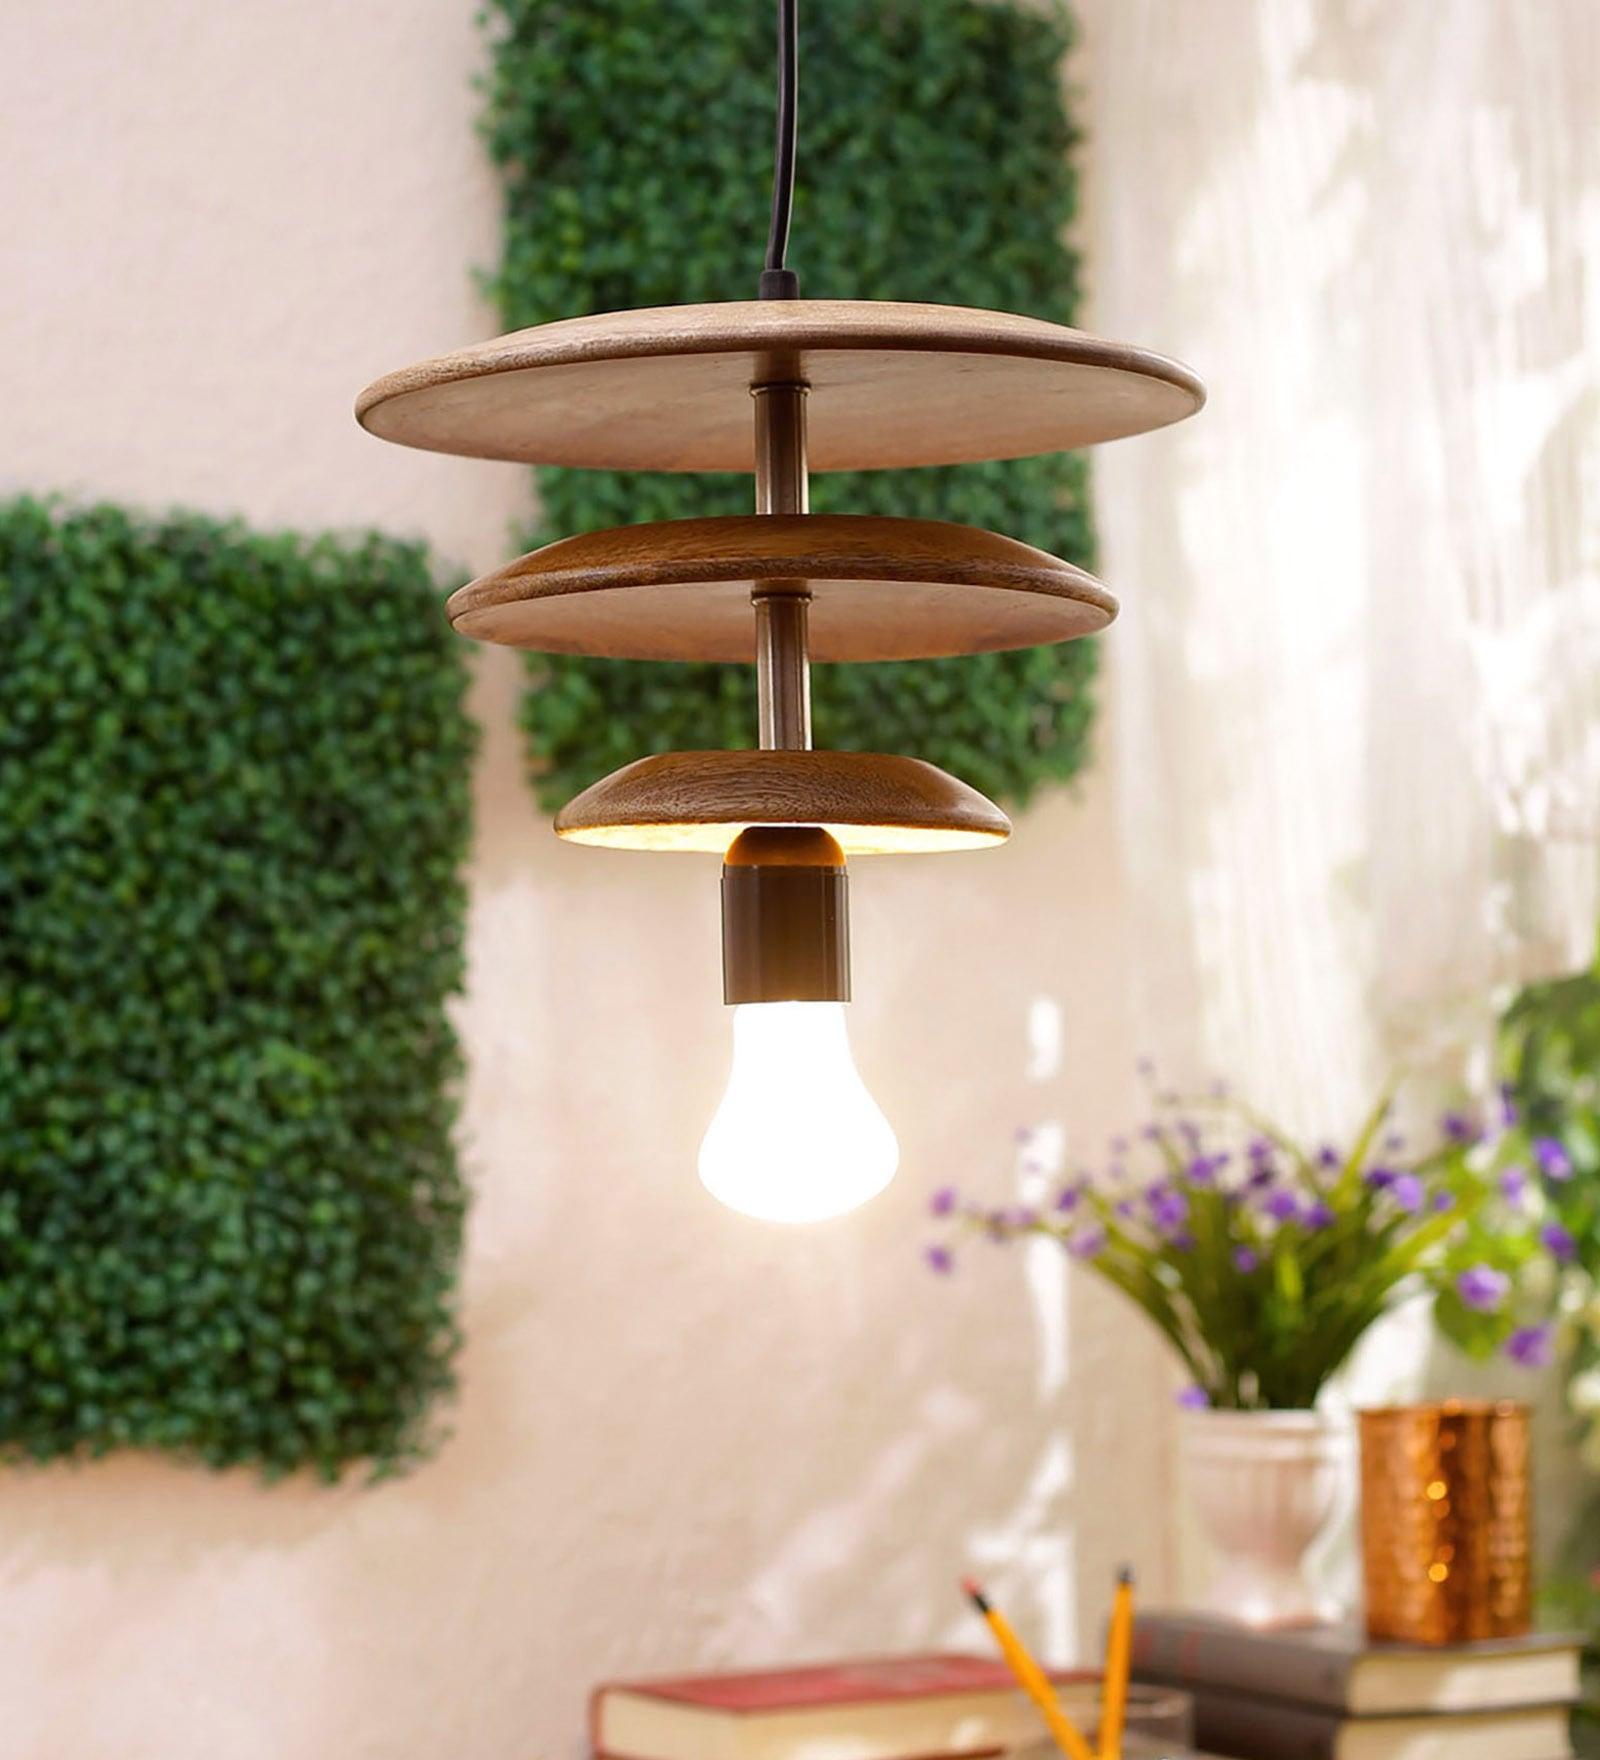 Yvonne Mango Wood Layered Hanging Light by Bohemiana